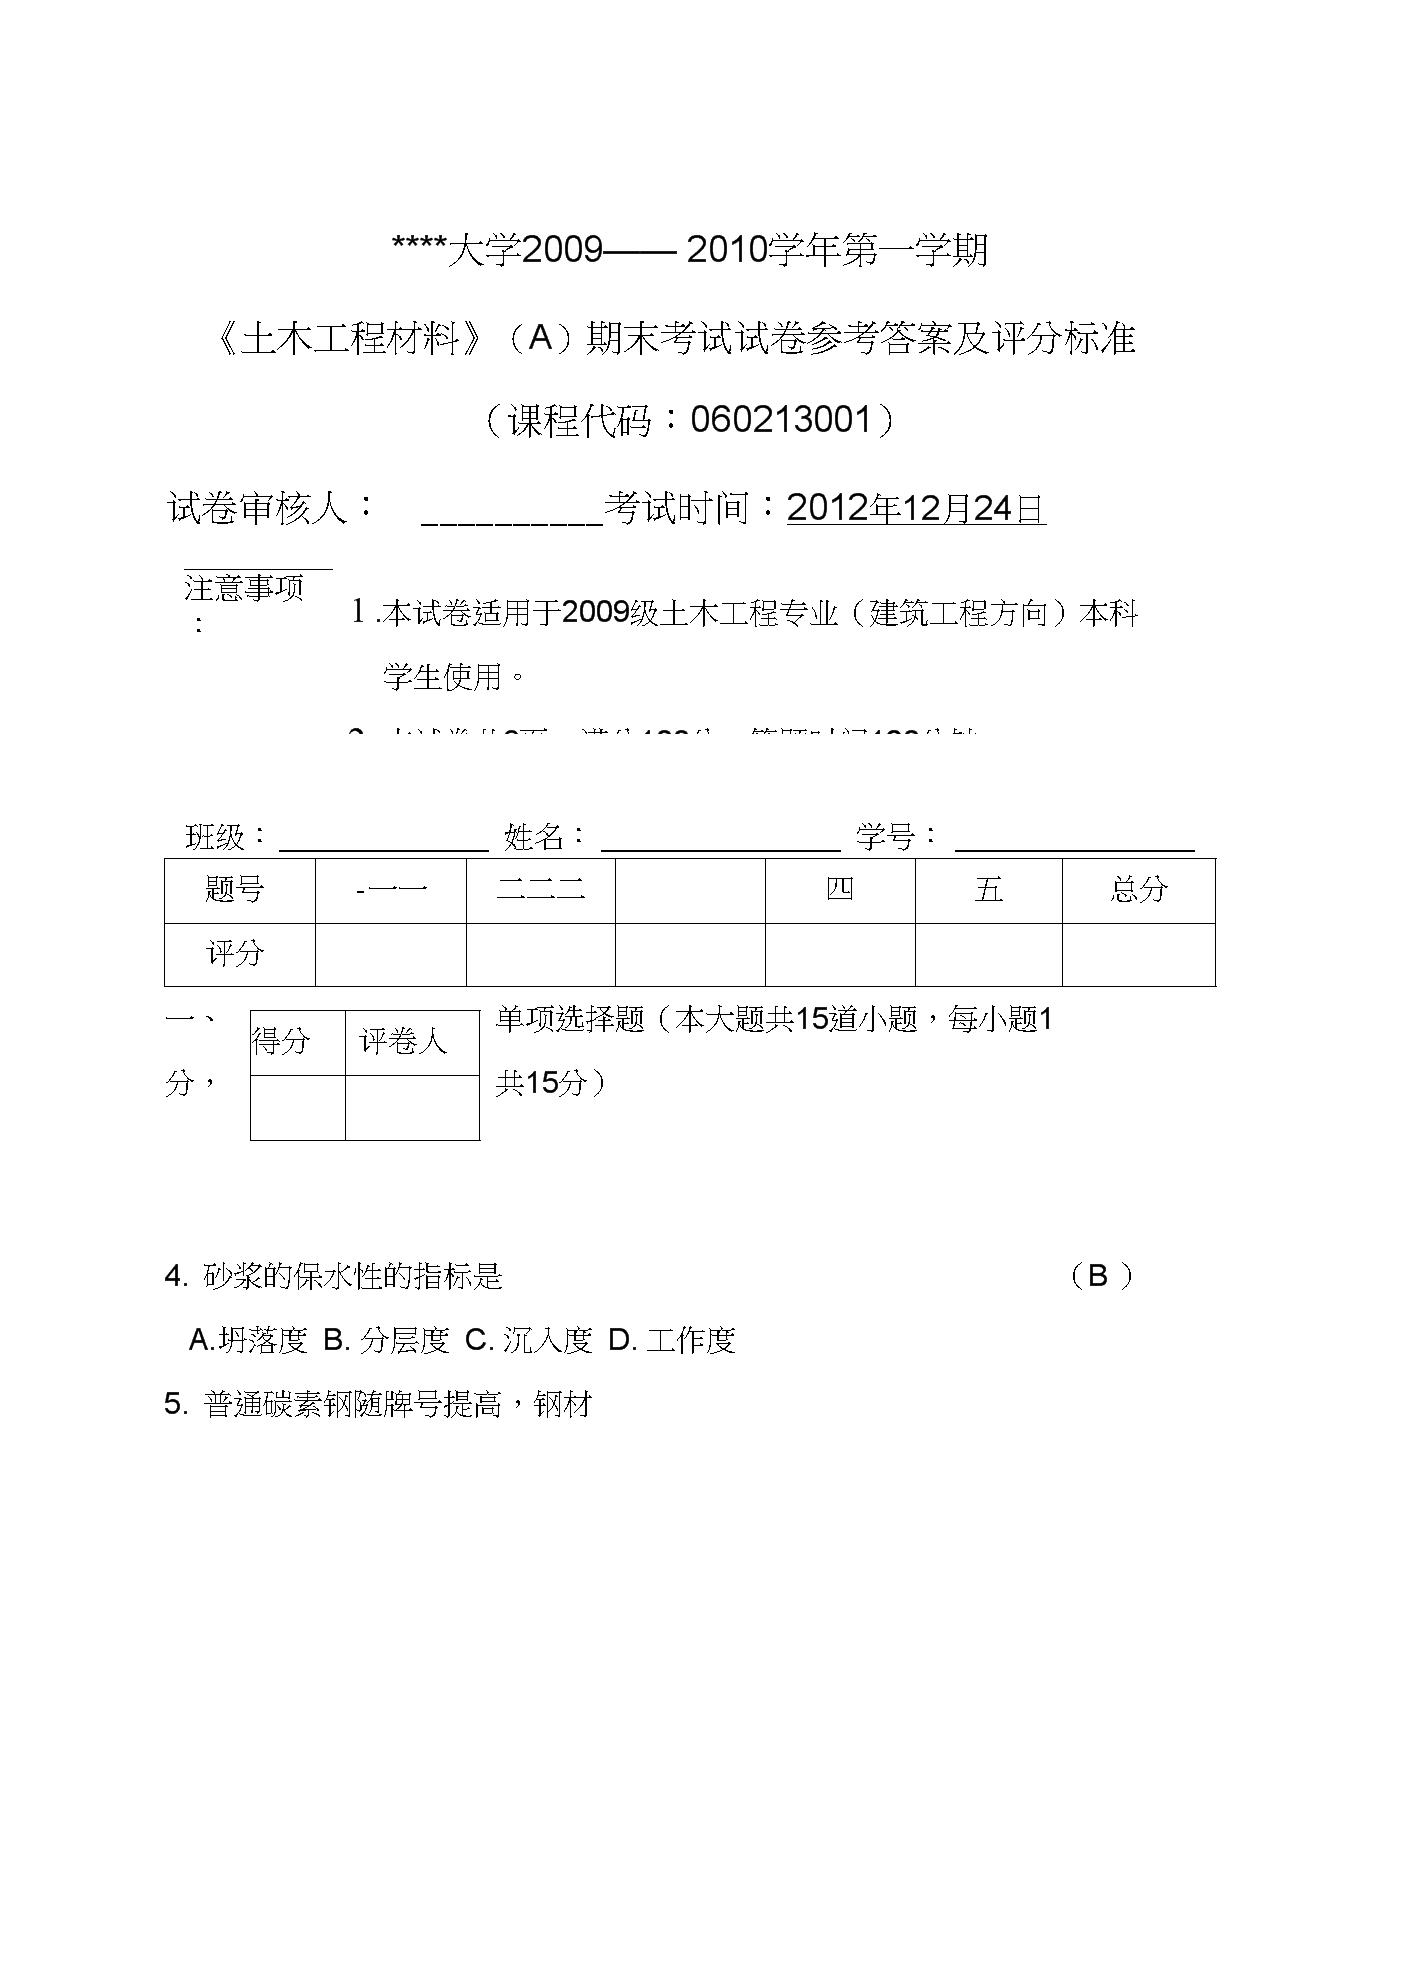 土木工程材料期末试卷a及答案.docx